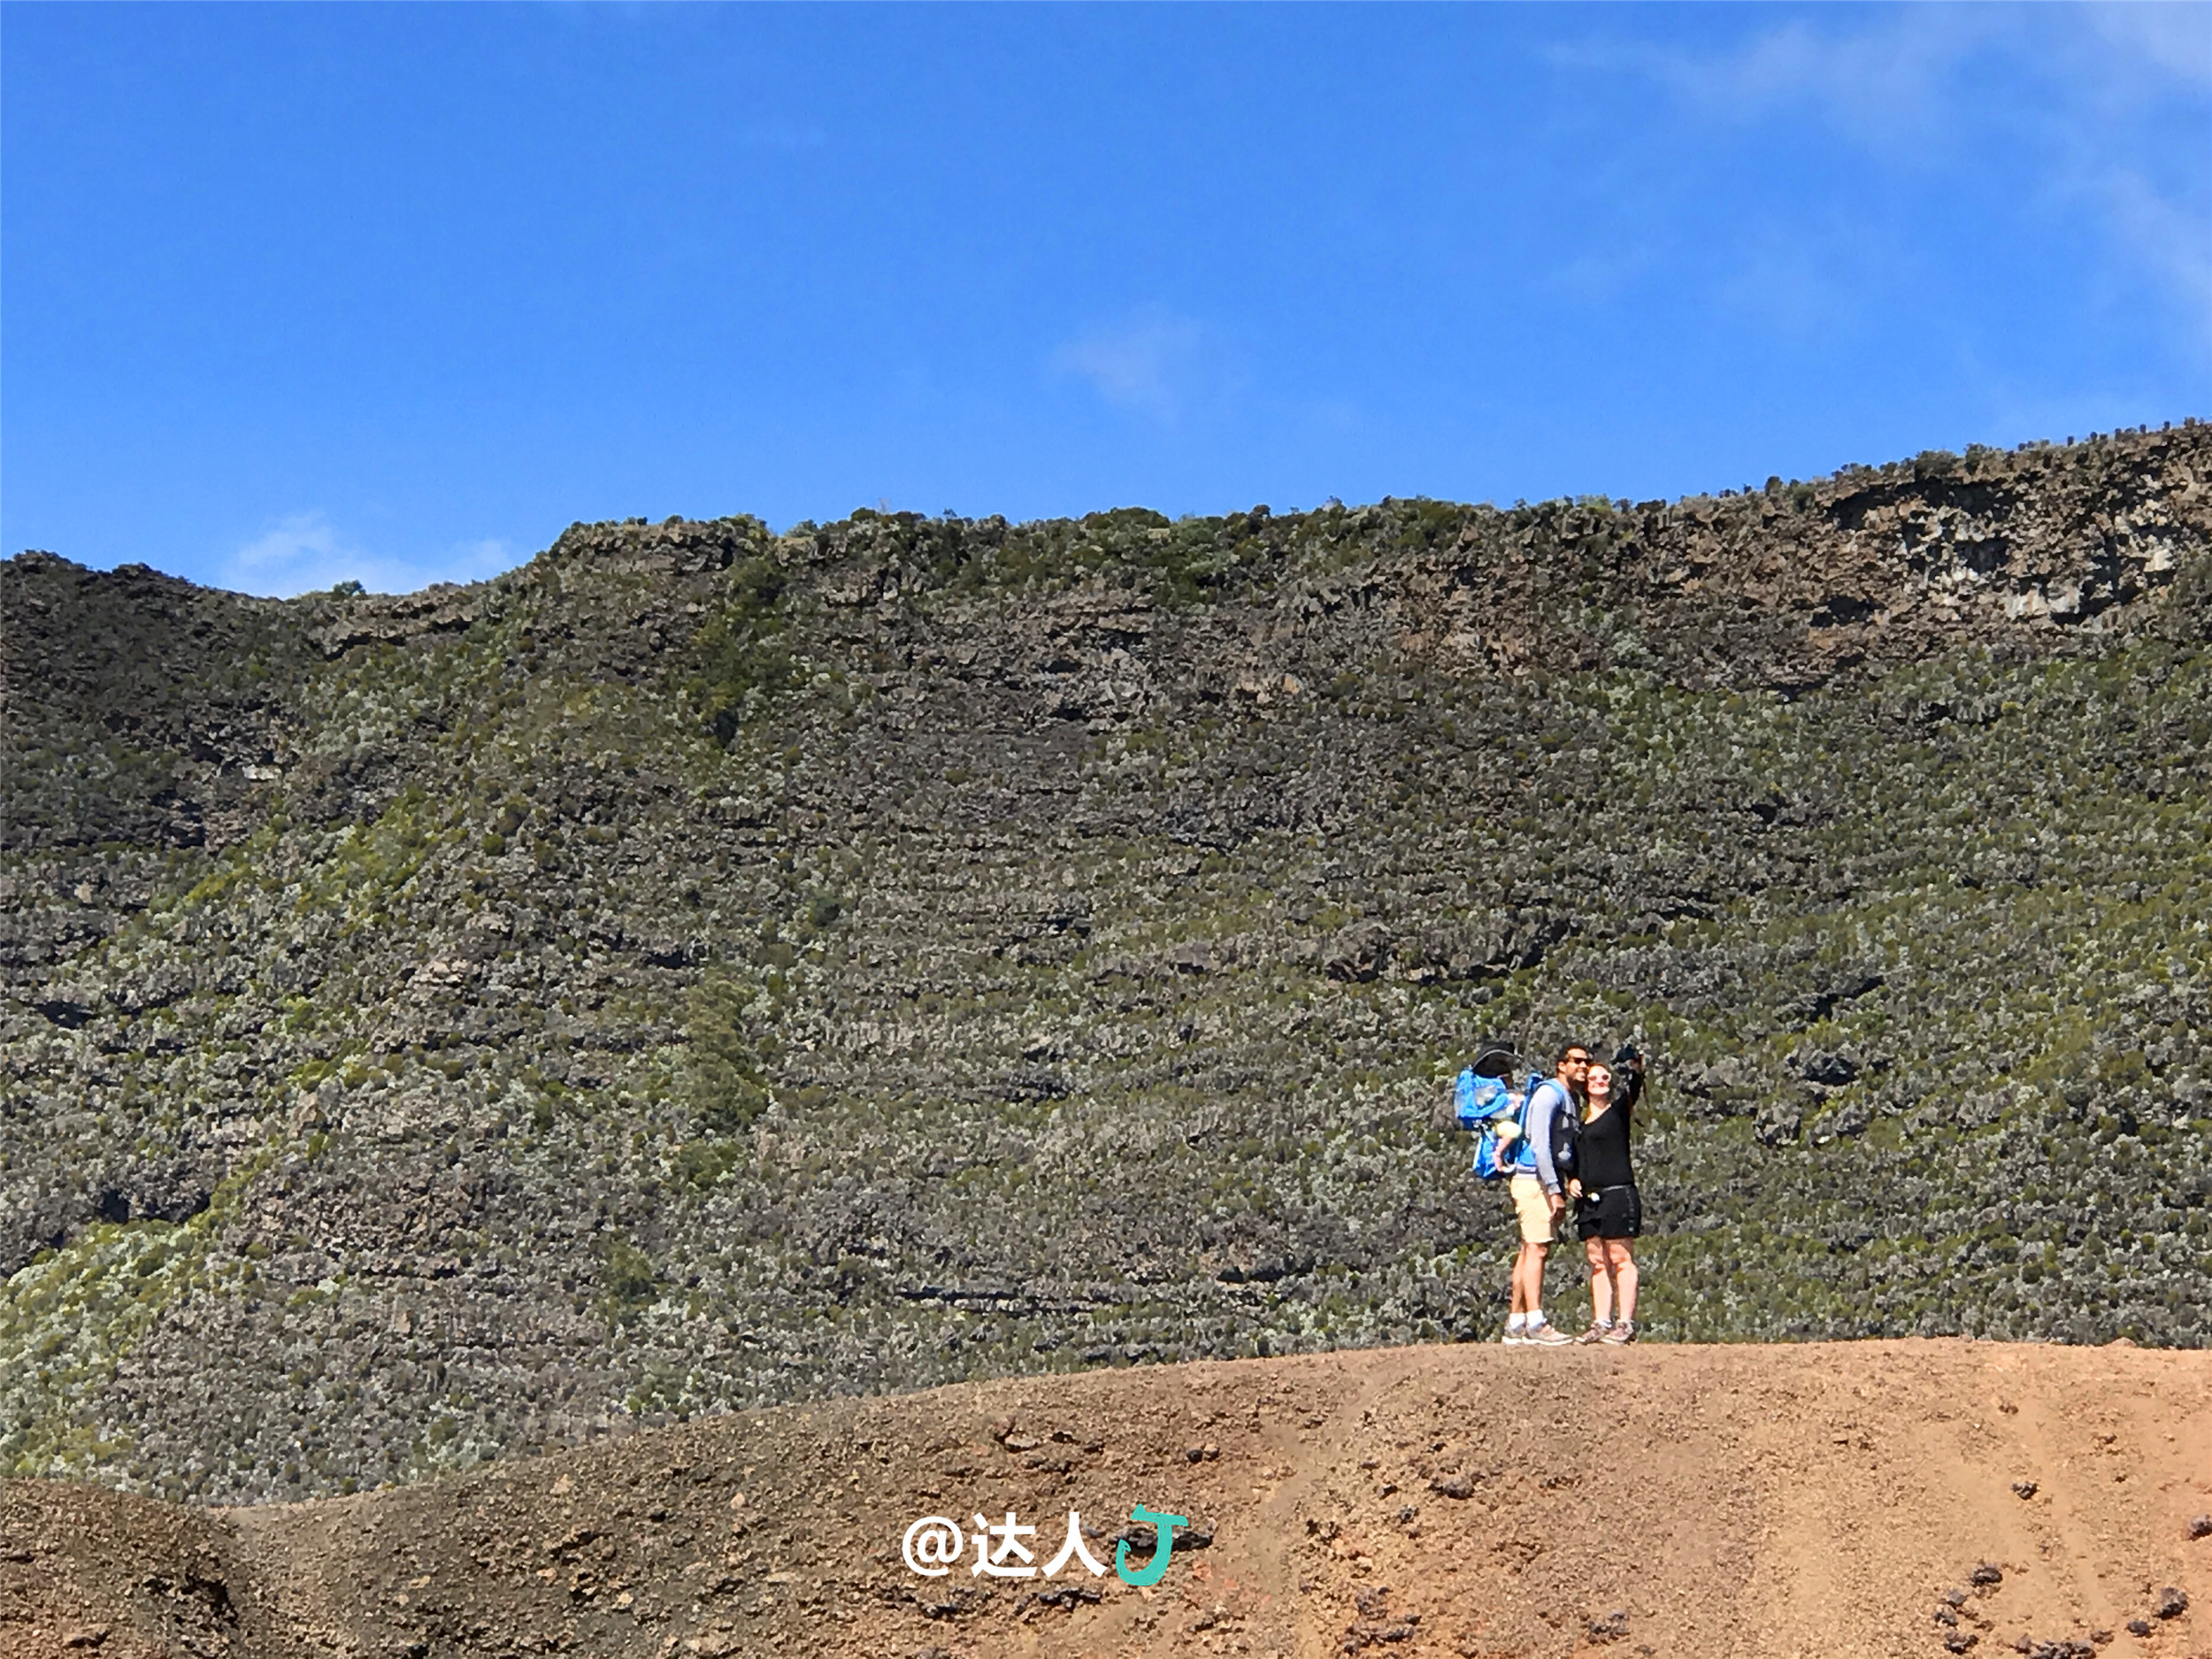 小天在留尼汪岛干啥呢,登富尔奈斯活火山? - 达人J - 达人J · 365乐游日记